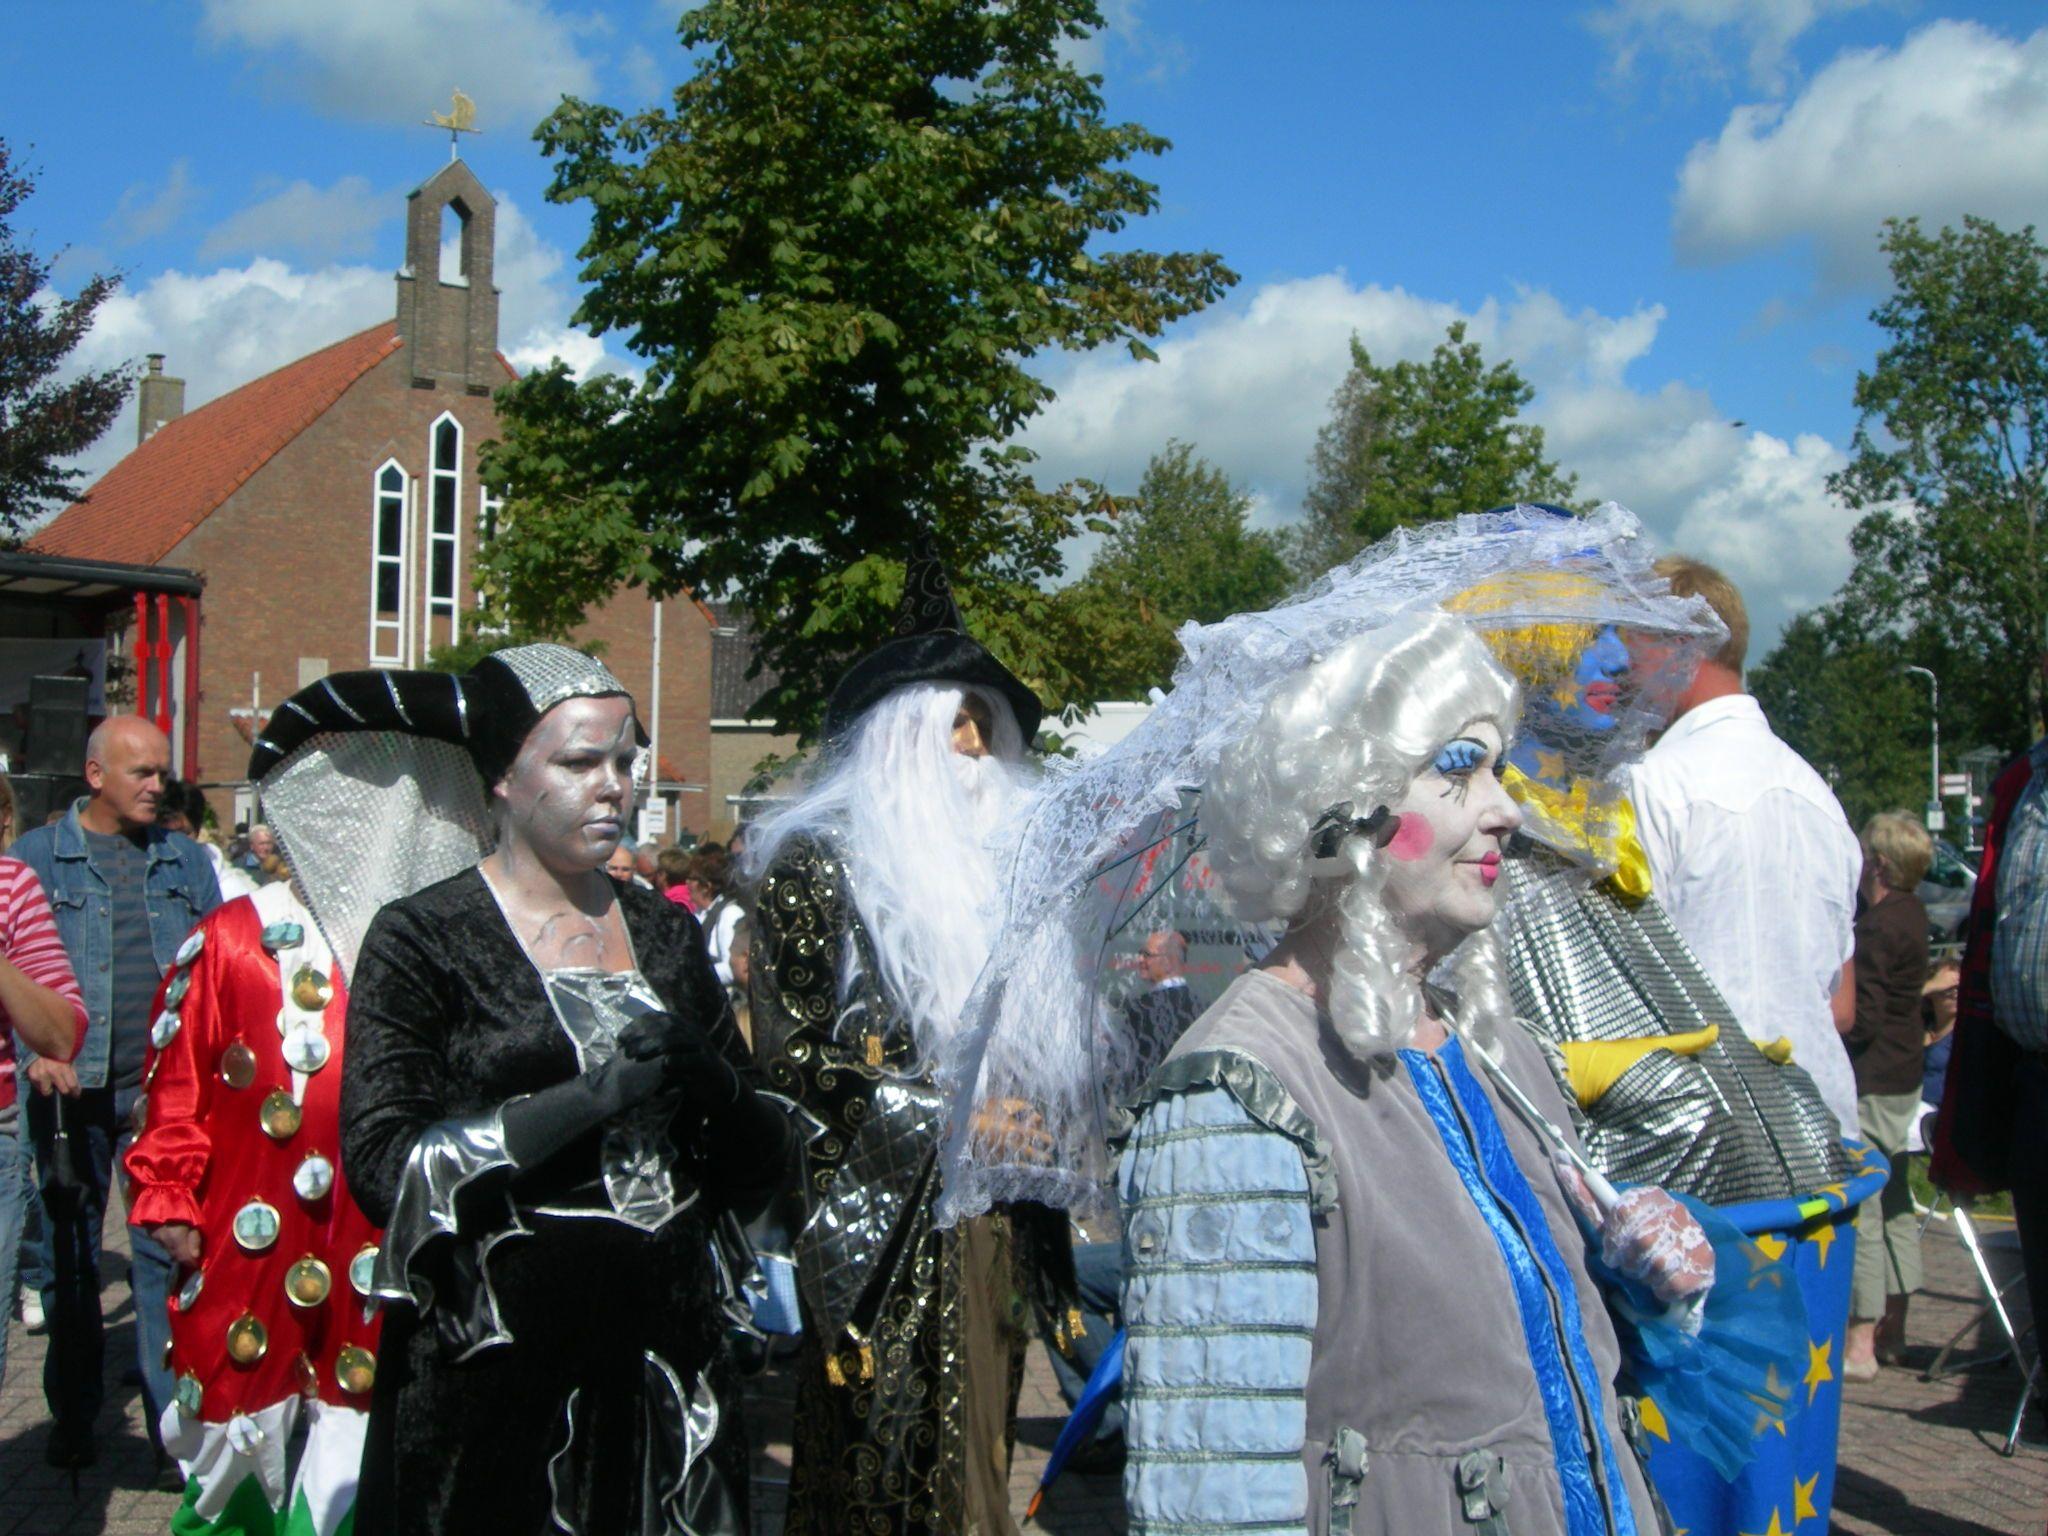 Feest yn Eastermar. eigen bayke foto. Friesland